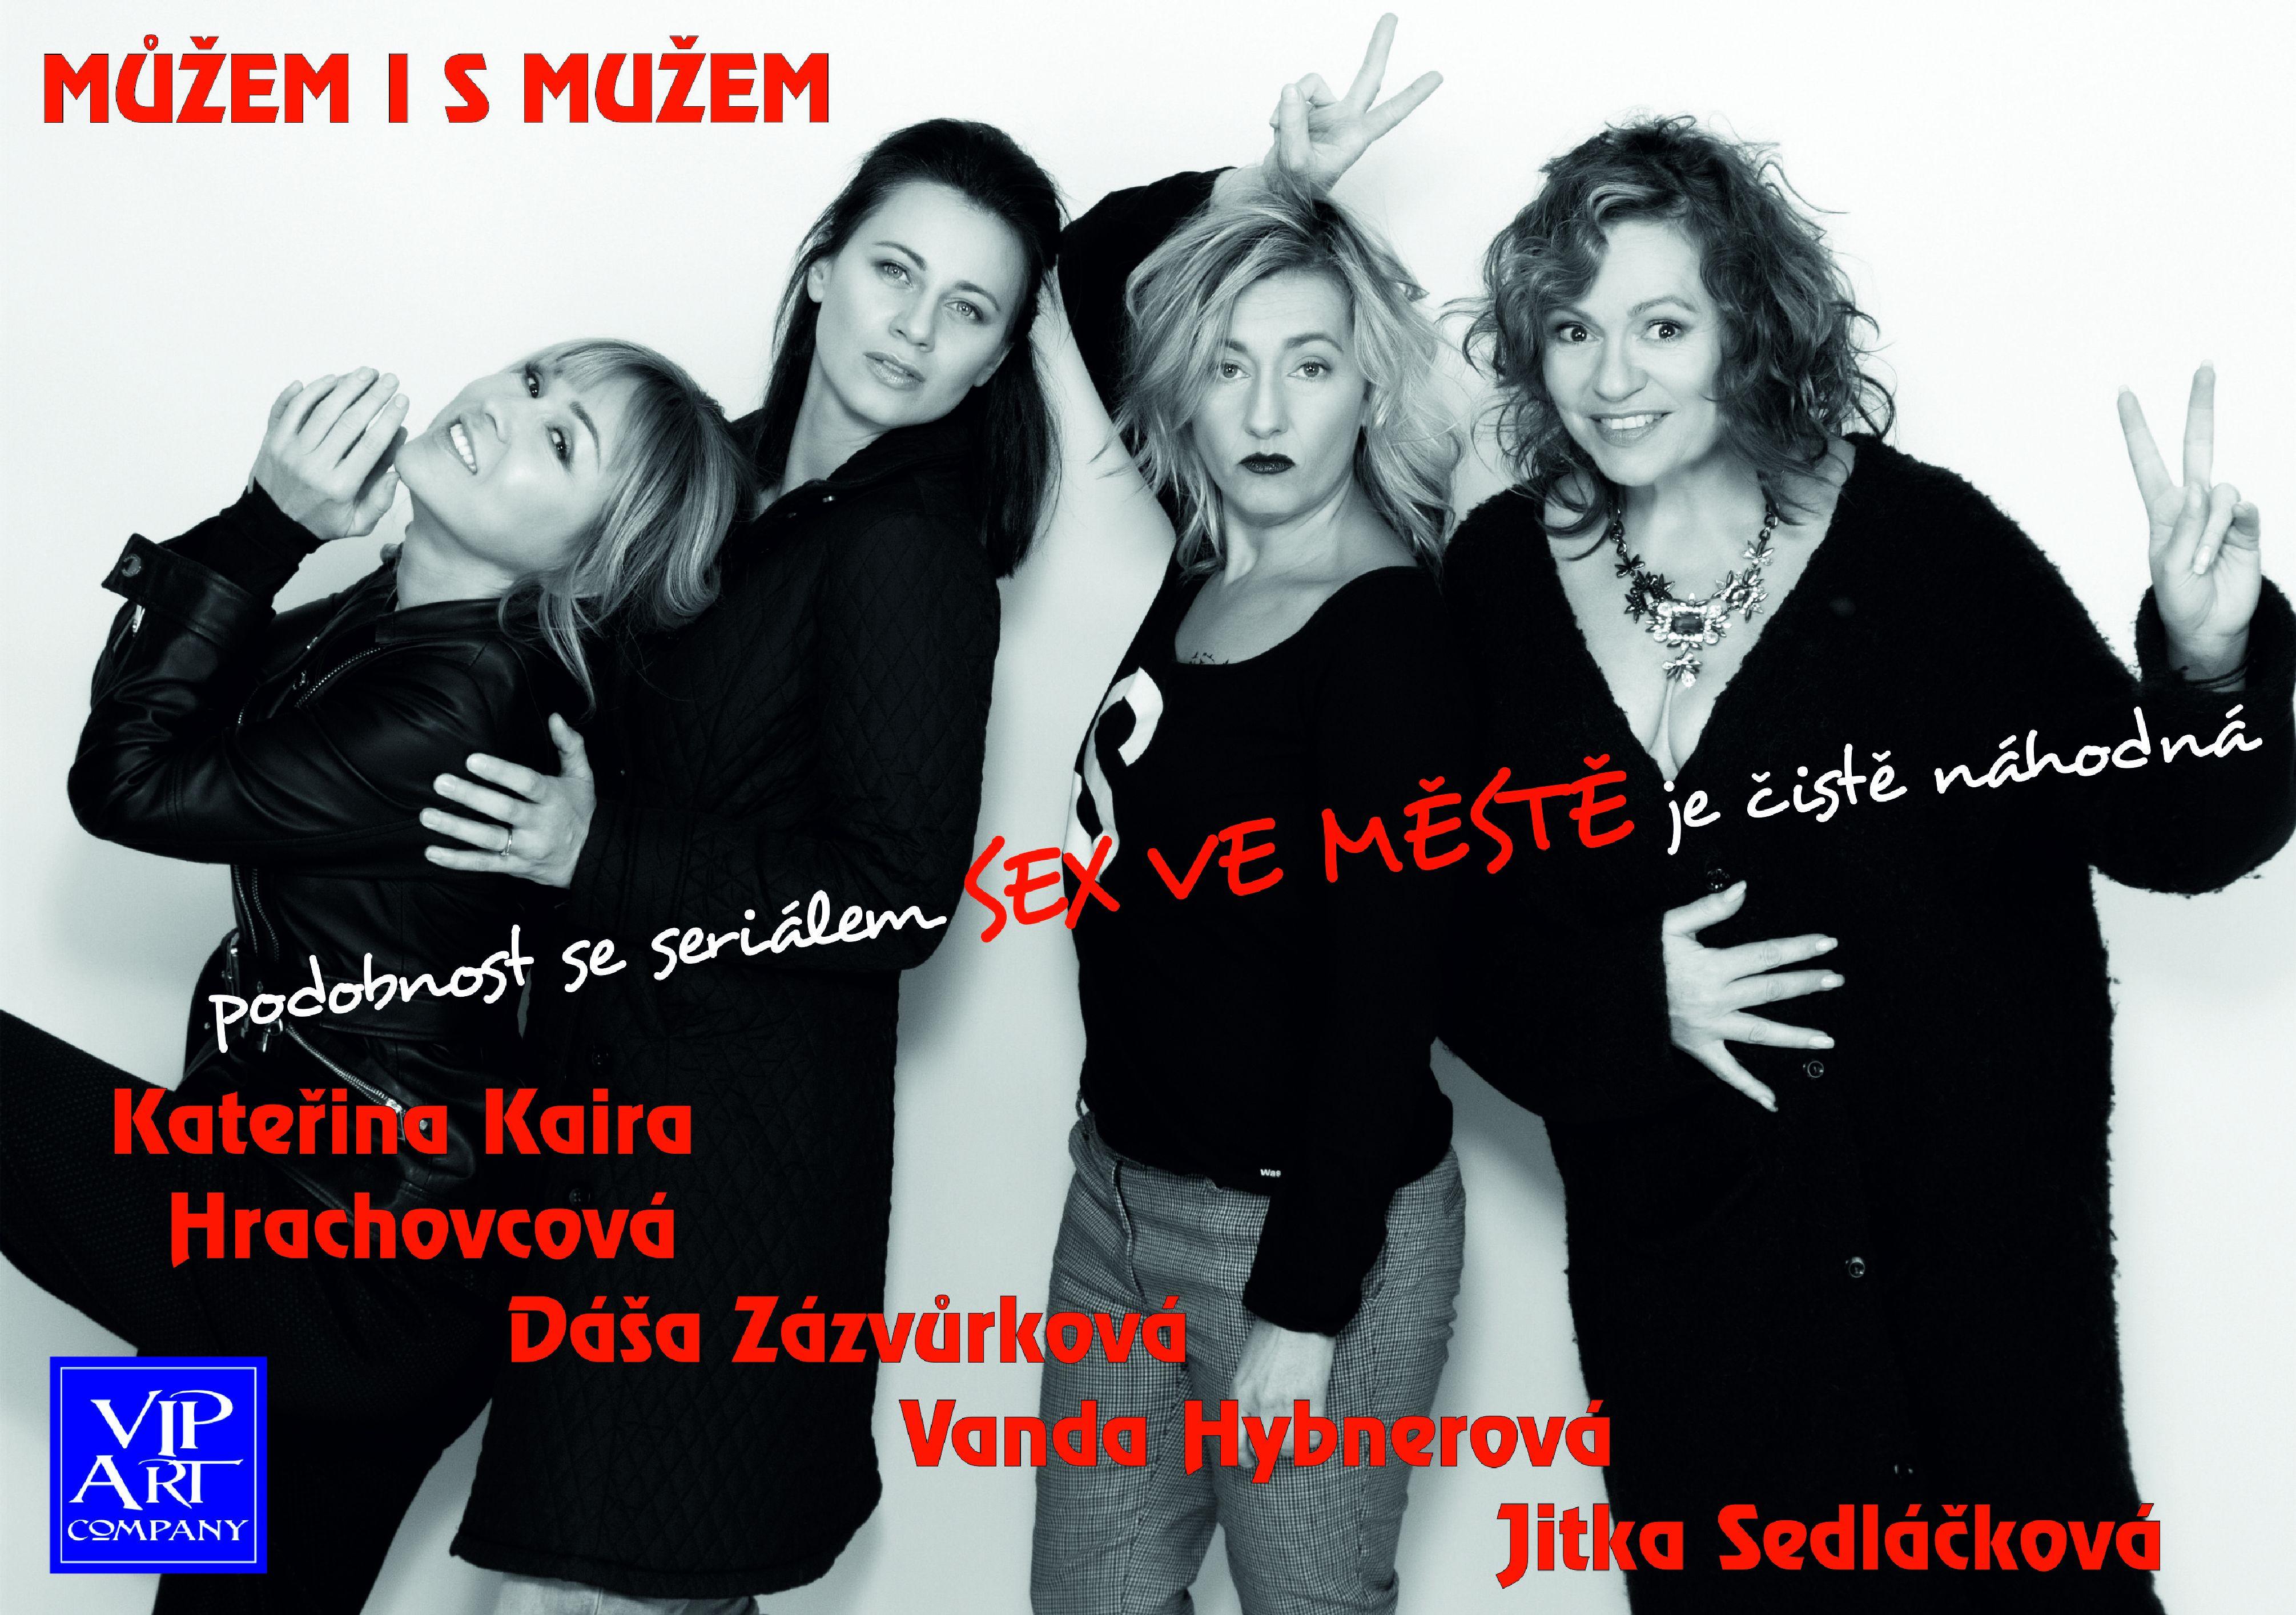 Muzem-i-s-muzem-banner.jpg (1002 KB)